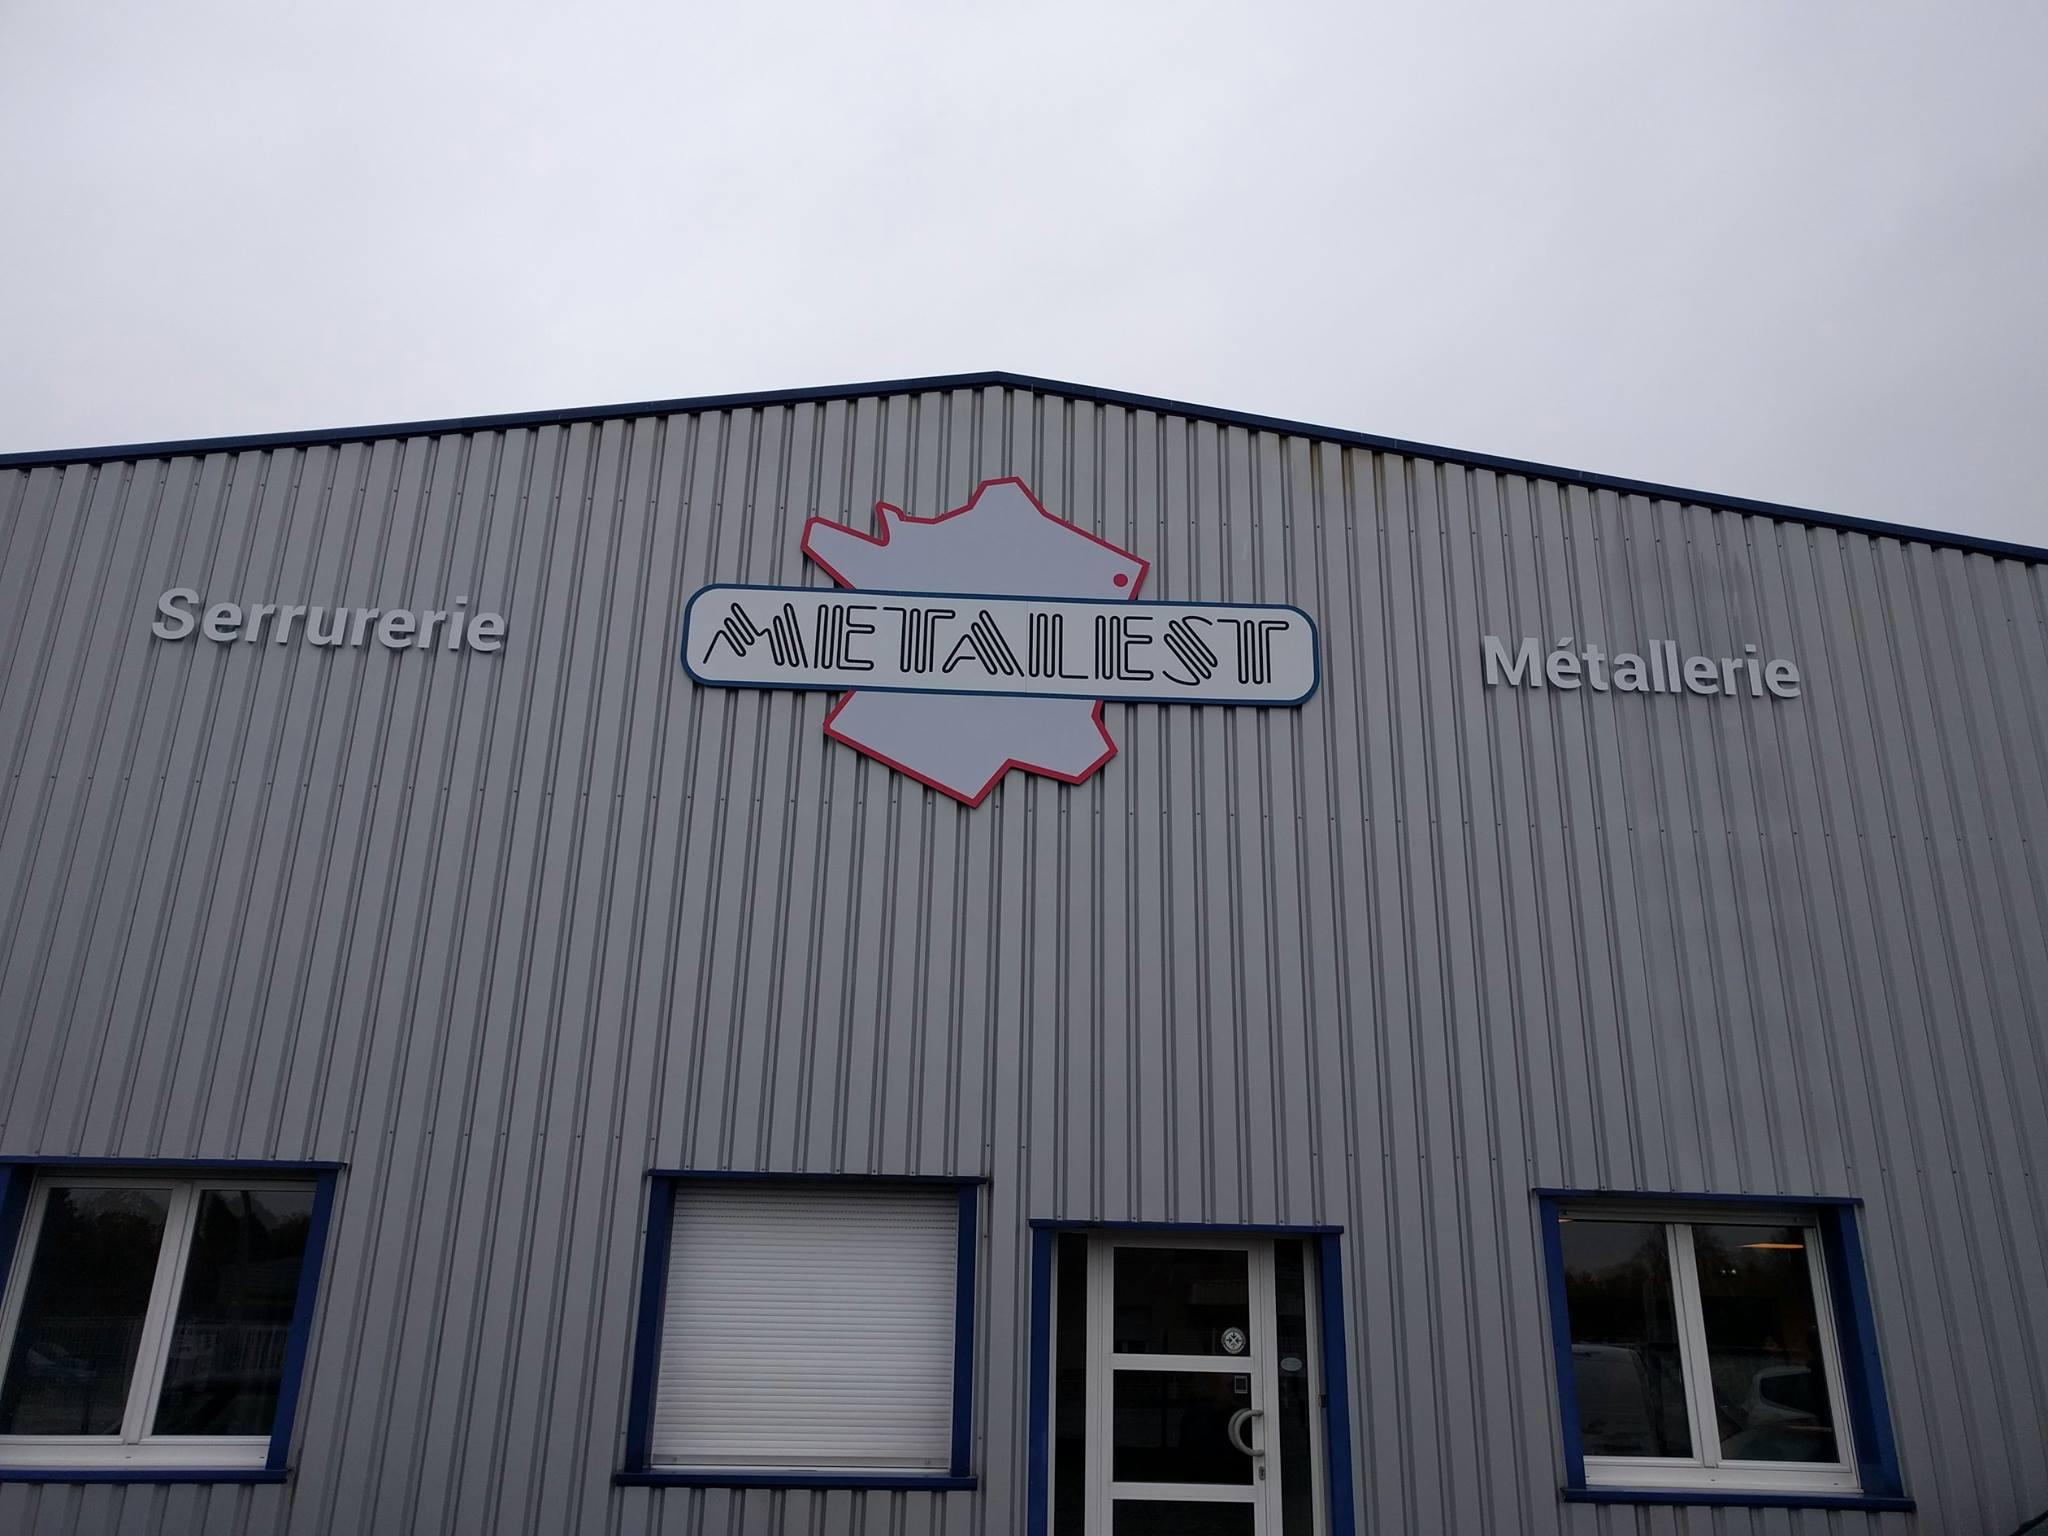 Enseigne et supports de communication pour une métallerie en Alsace